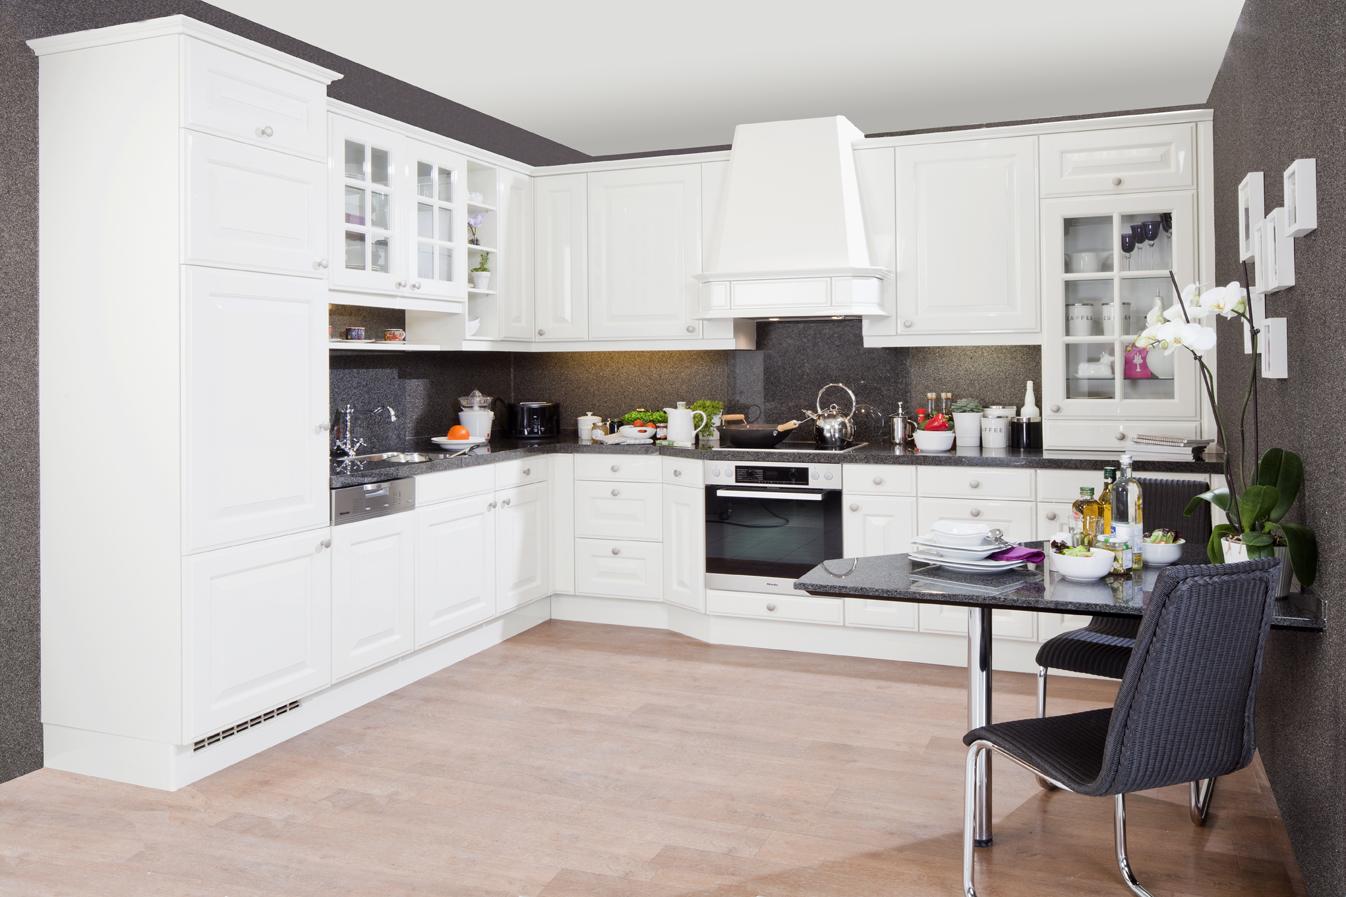 k chen in k ln kuechenstudio. Black Bedroom Furniture Sets. Home Design Ideas